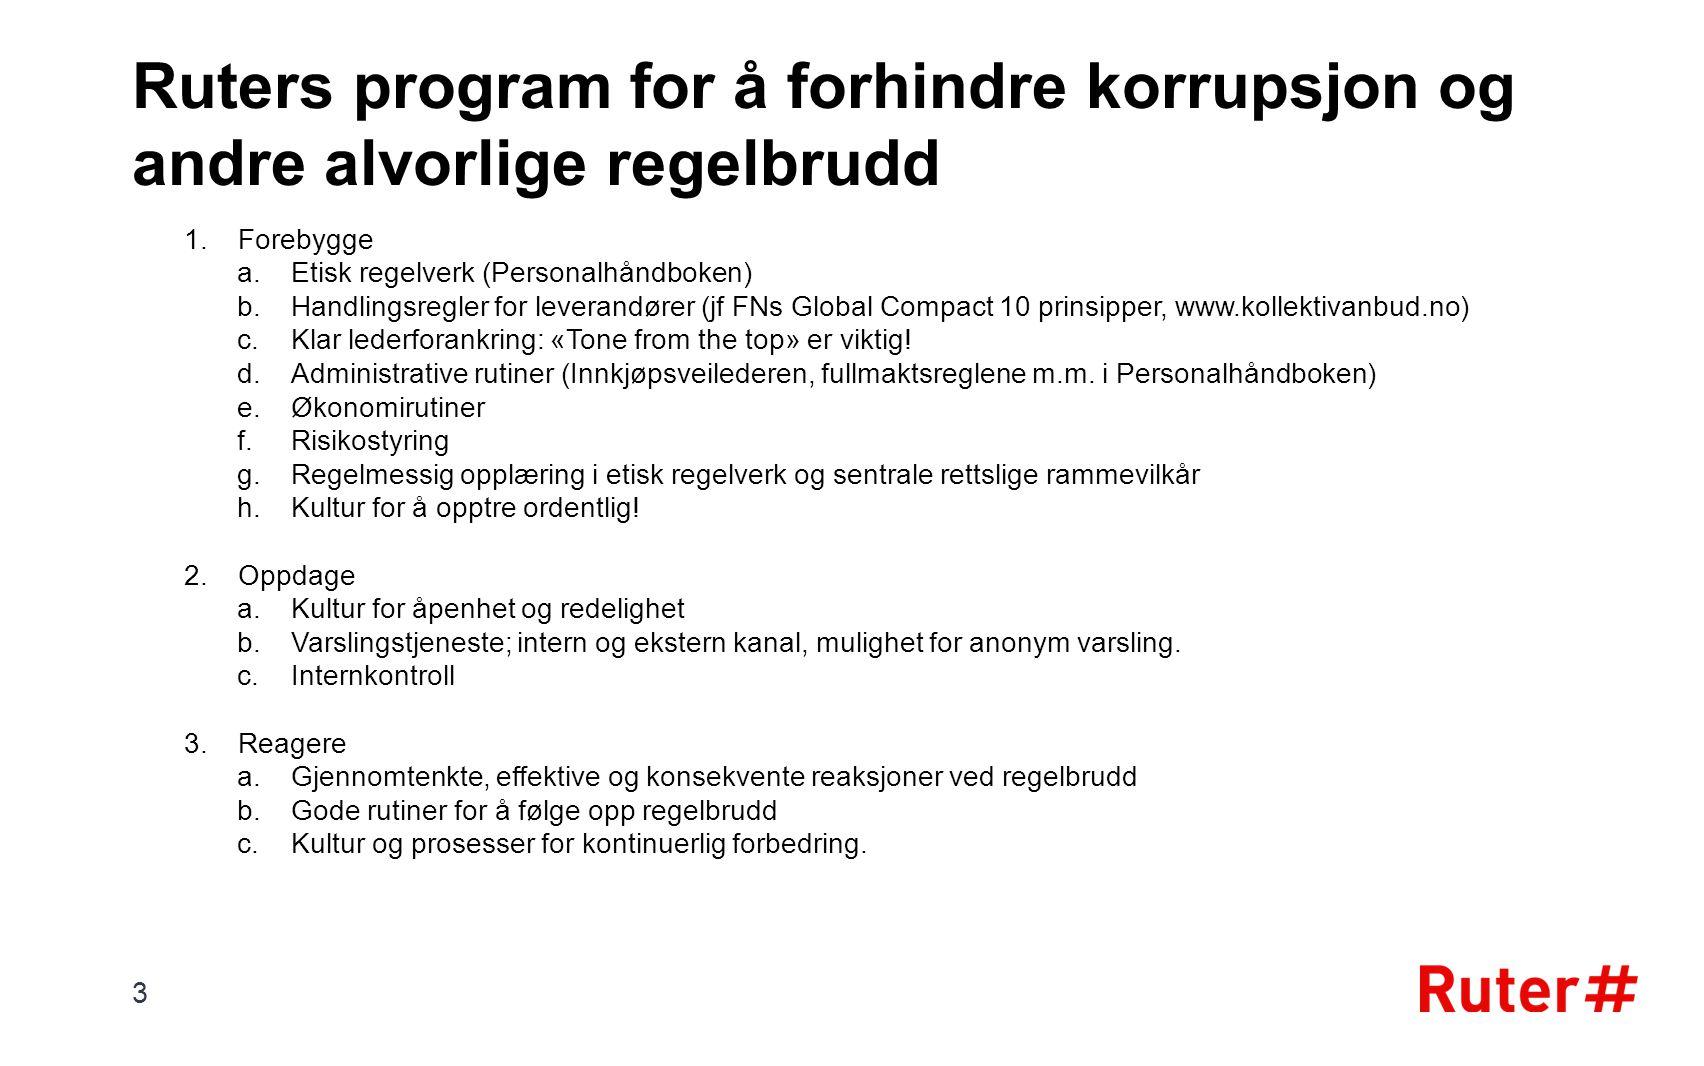 Fokus for Ruters revisjon av etiske regler (Gjeldende etiske regler vedtatt 23.